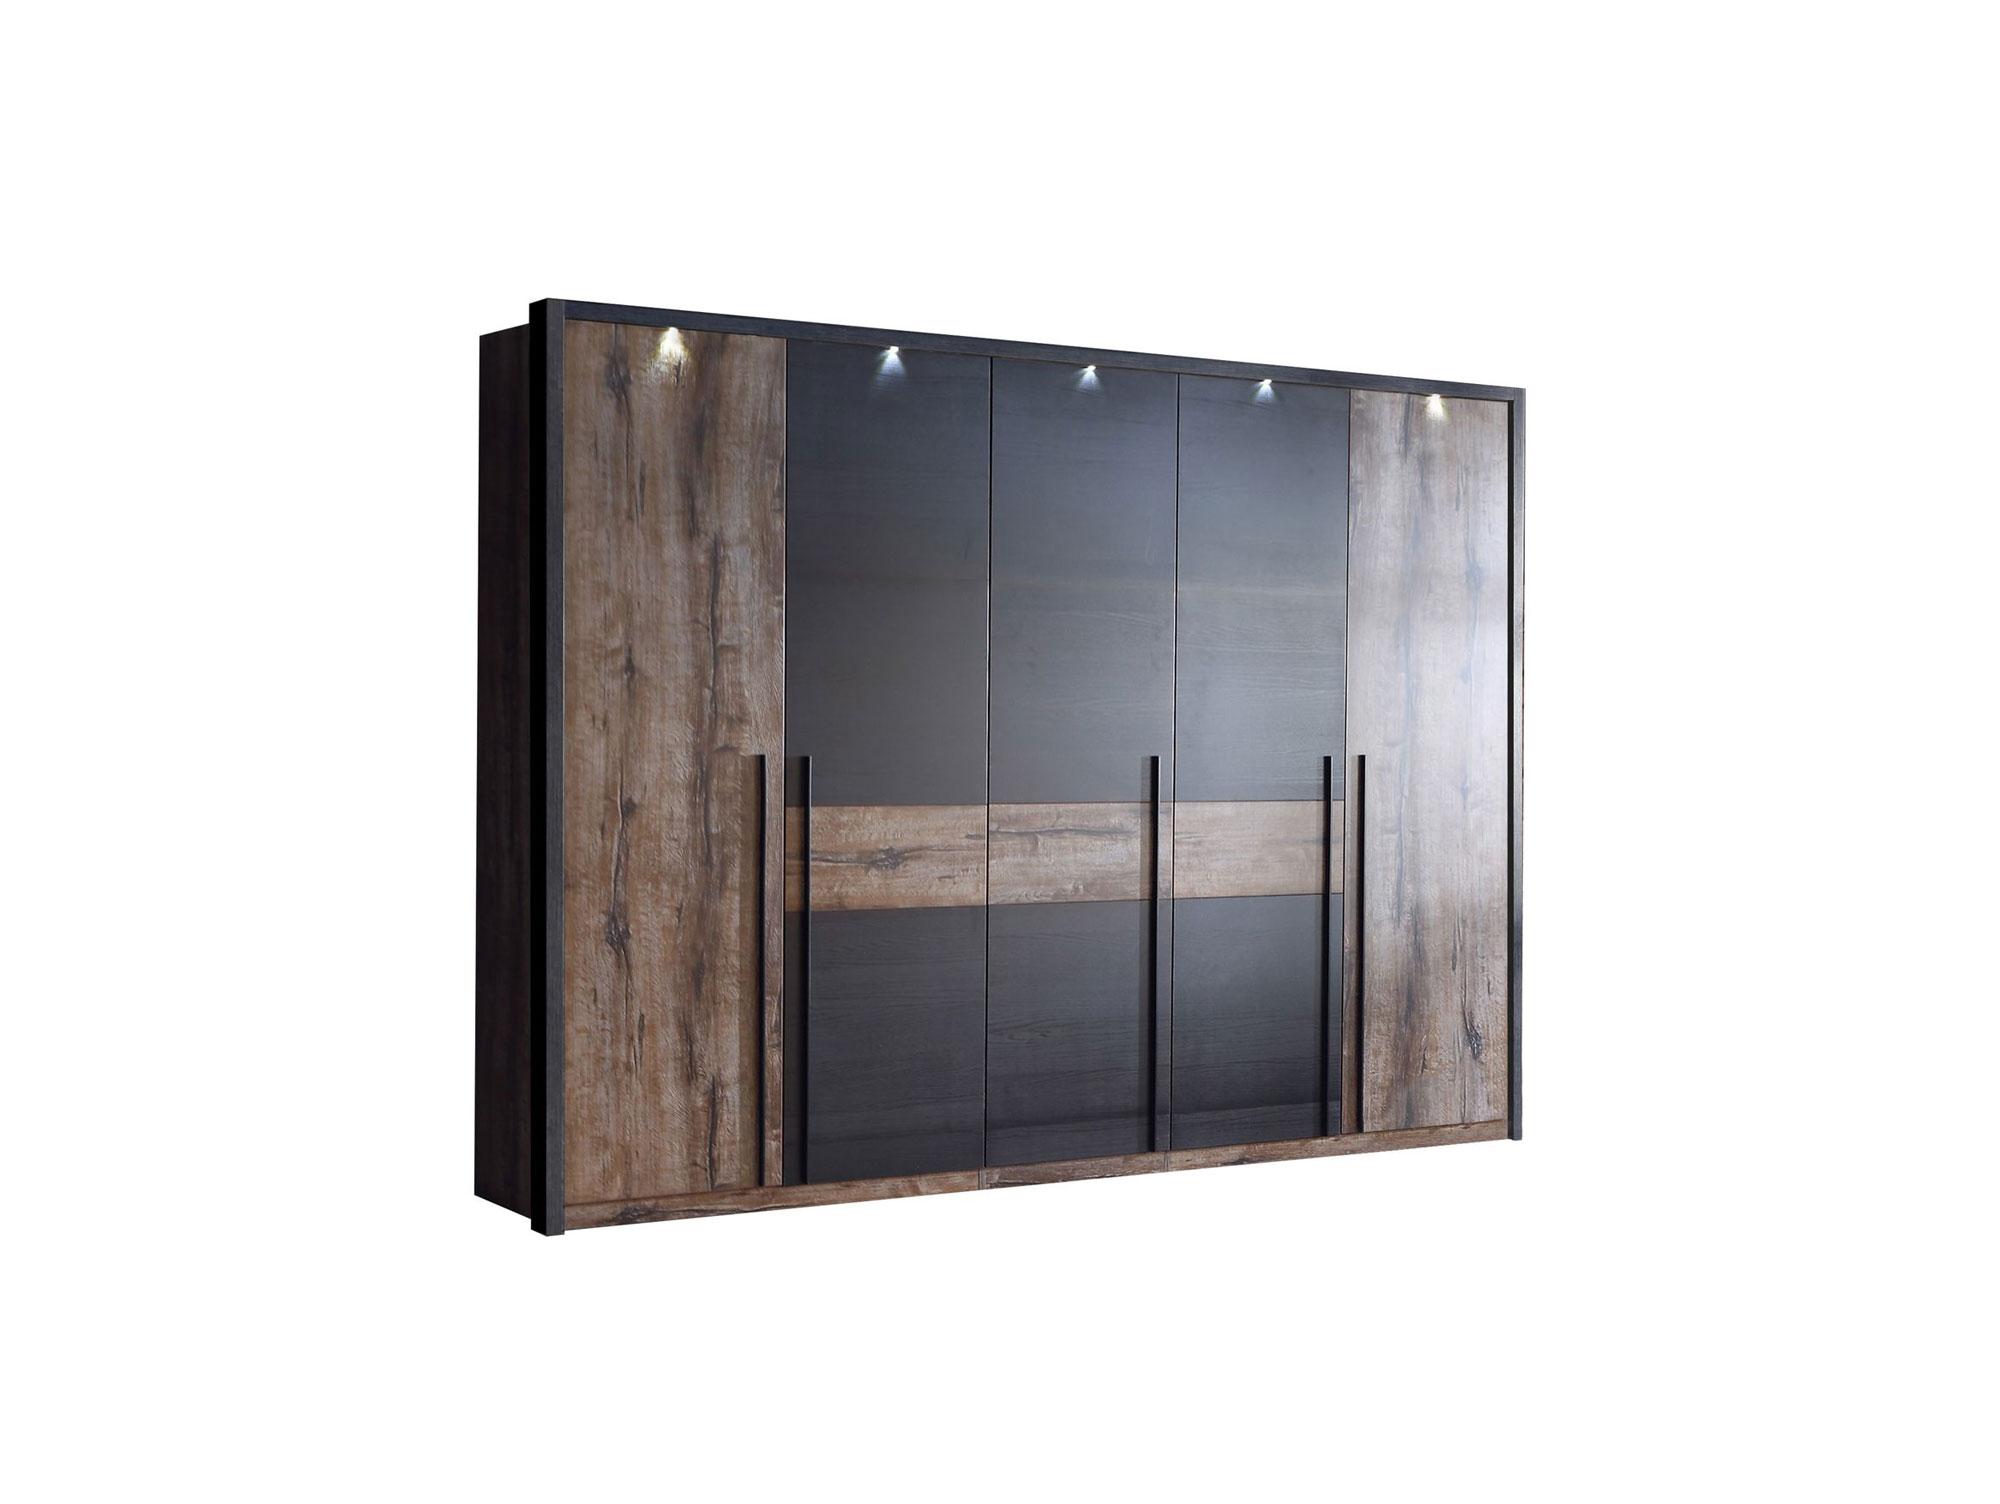 erlin schlafzimmer schwarzeiche schlammeiche 180 x 200 cm dreht renschrank. Black Bedroom Furniture Sets. Home Design Ideas